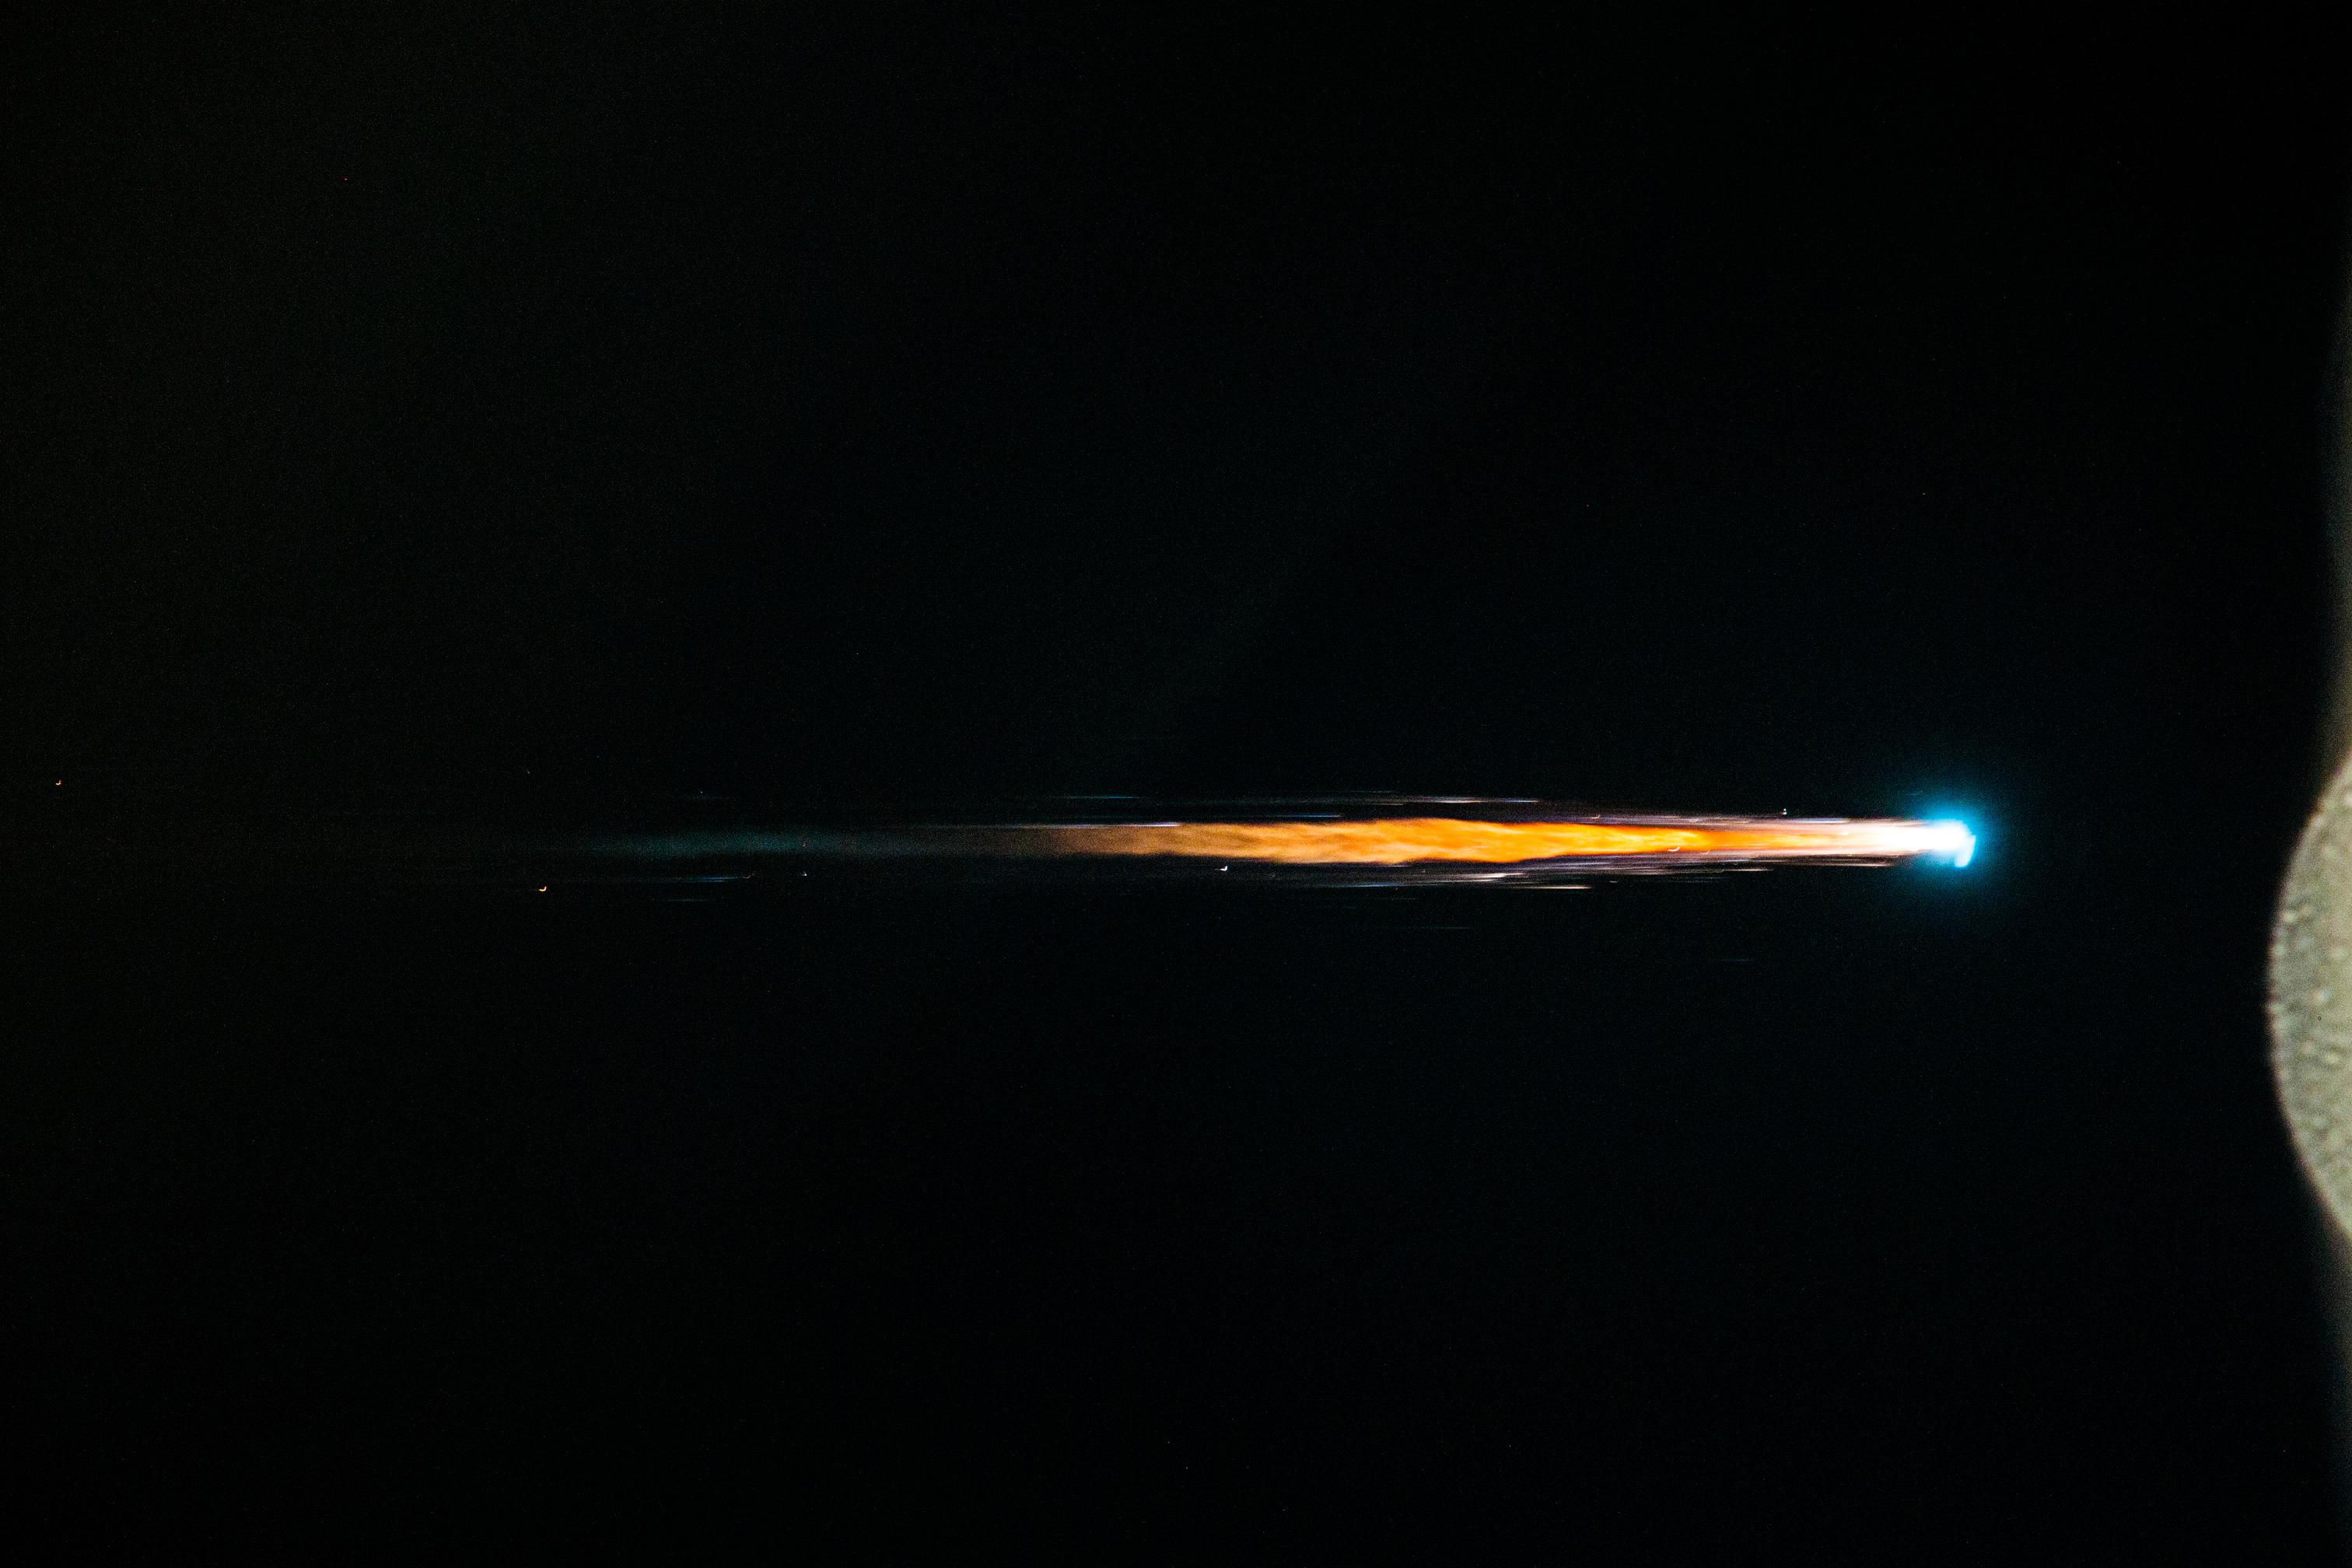 ATV-4 reentry in 2013. Credits: ESA/NASA